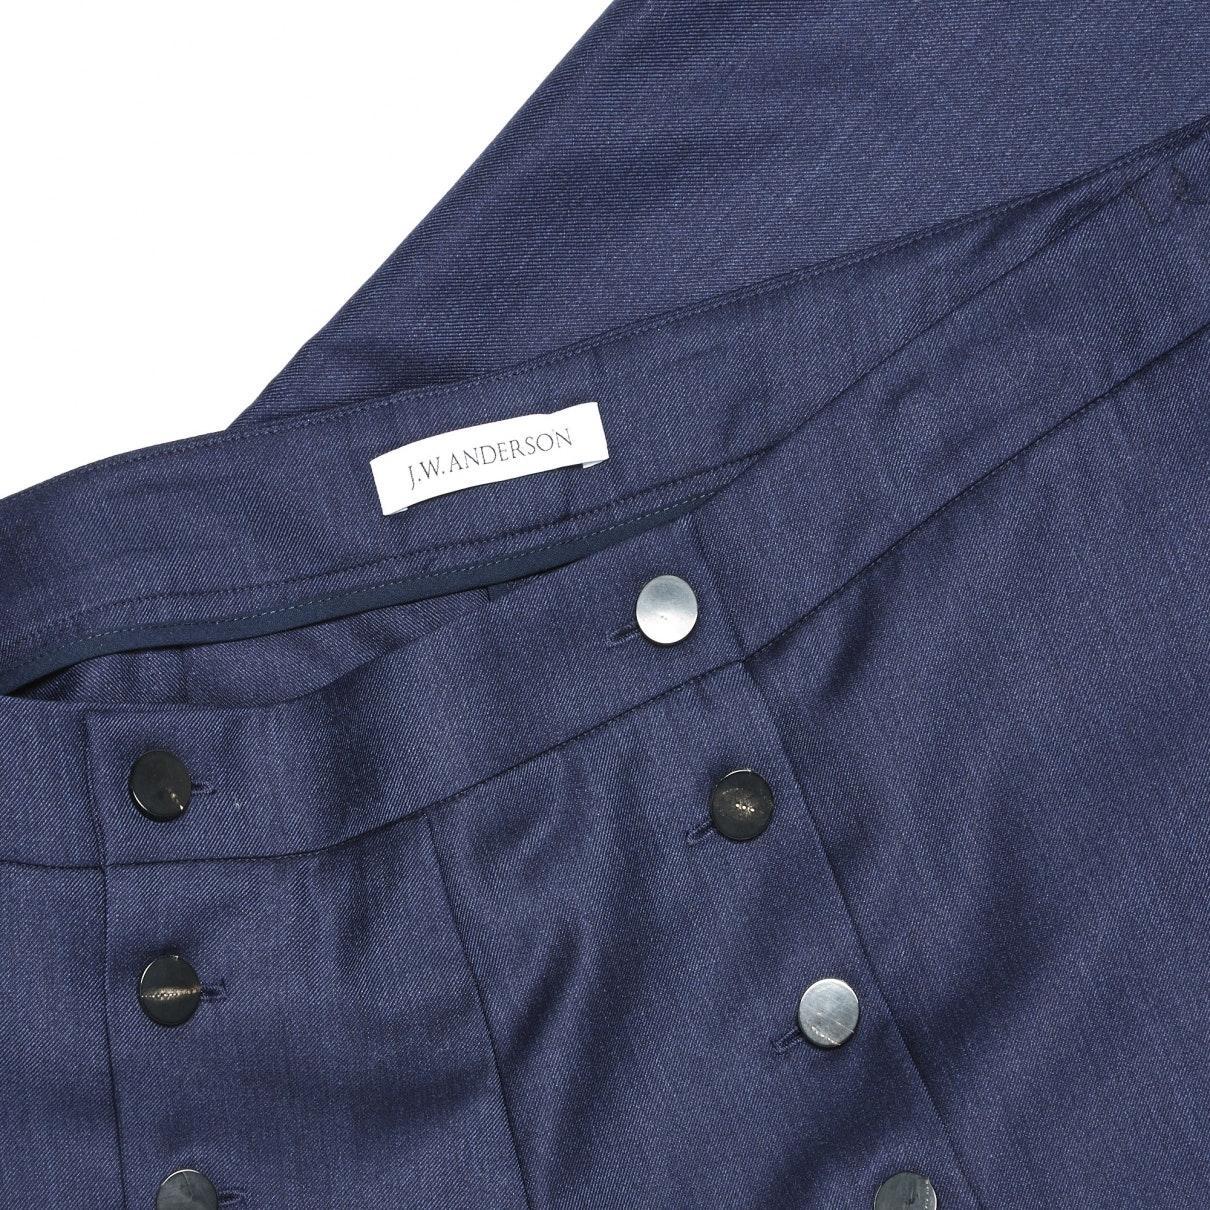 Pantalones en lana marino N JW Anderson de color Azul